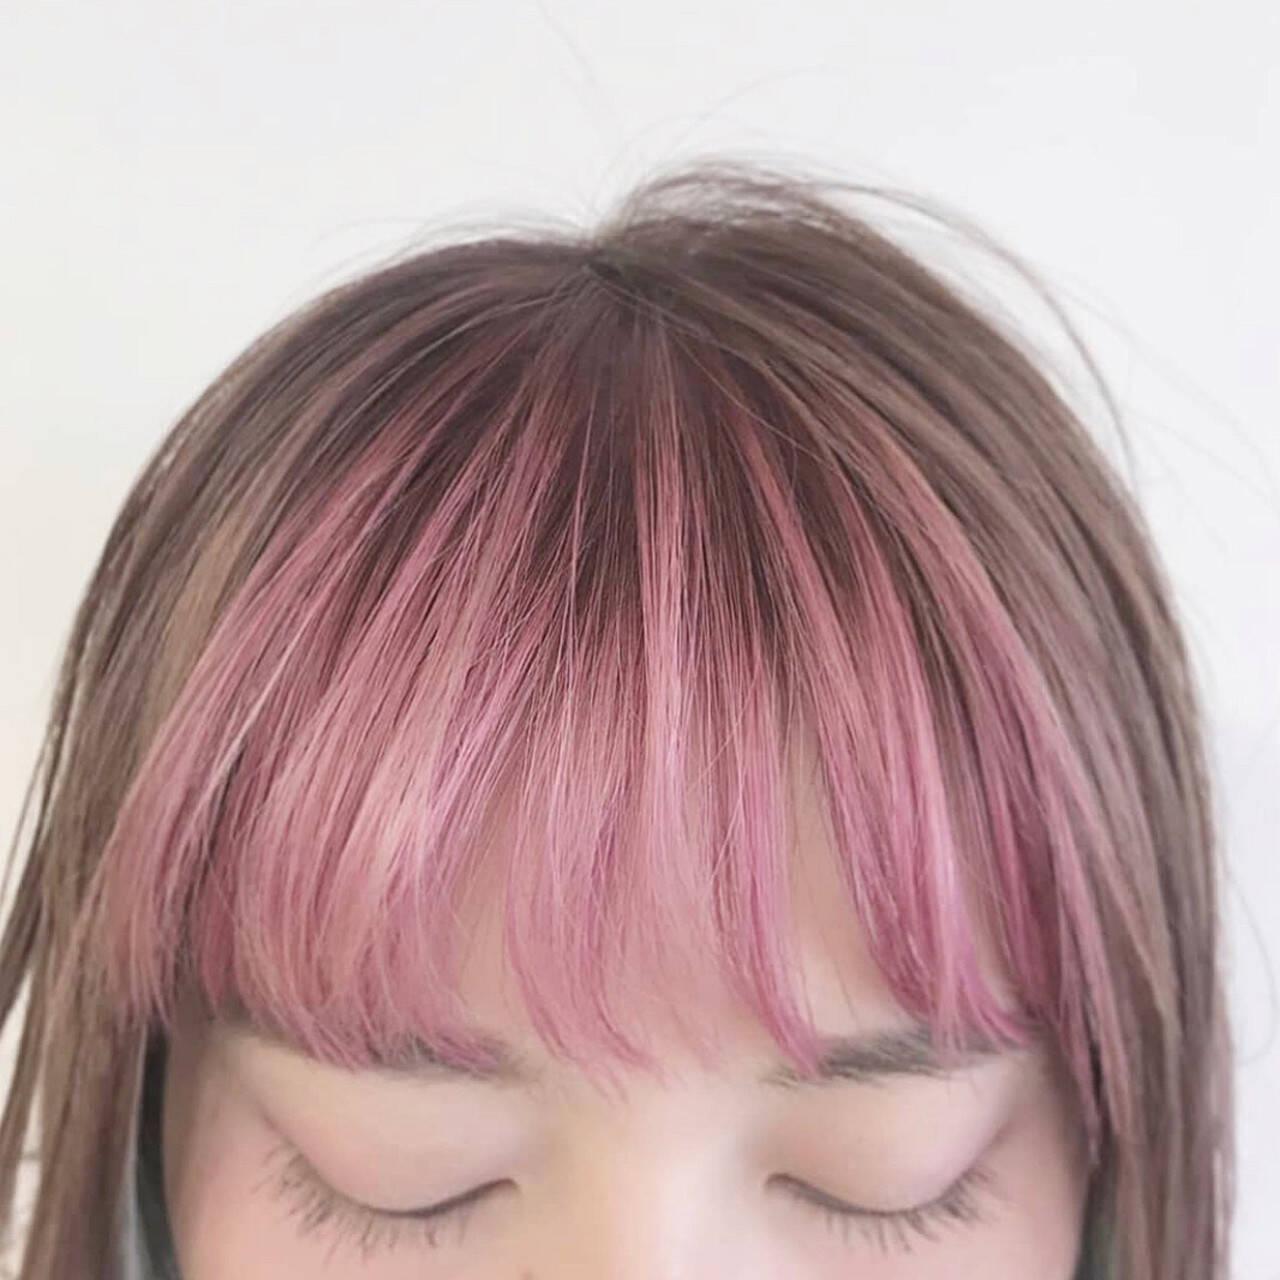 ボブ ピンクベージュ ピンク パステルカラーヘアスタイルや髪型の写真・画像